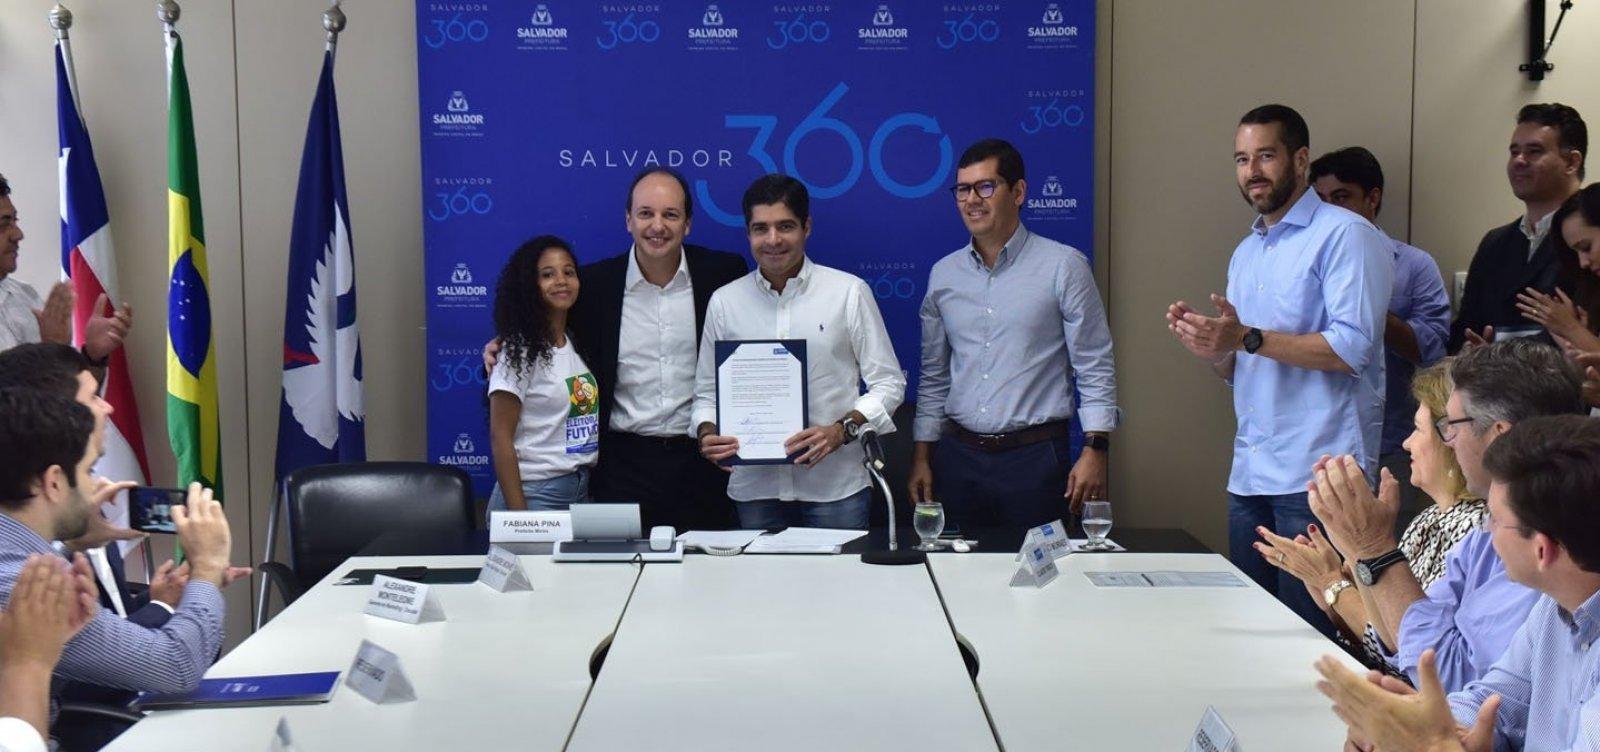 [Prefeitura anuncia parceria para atrair 3 mil turistas a Salvador]